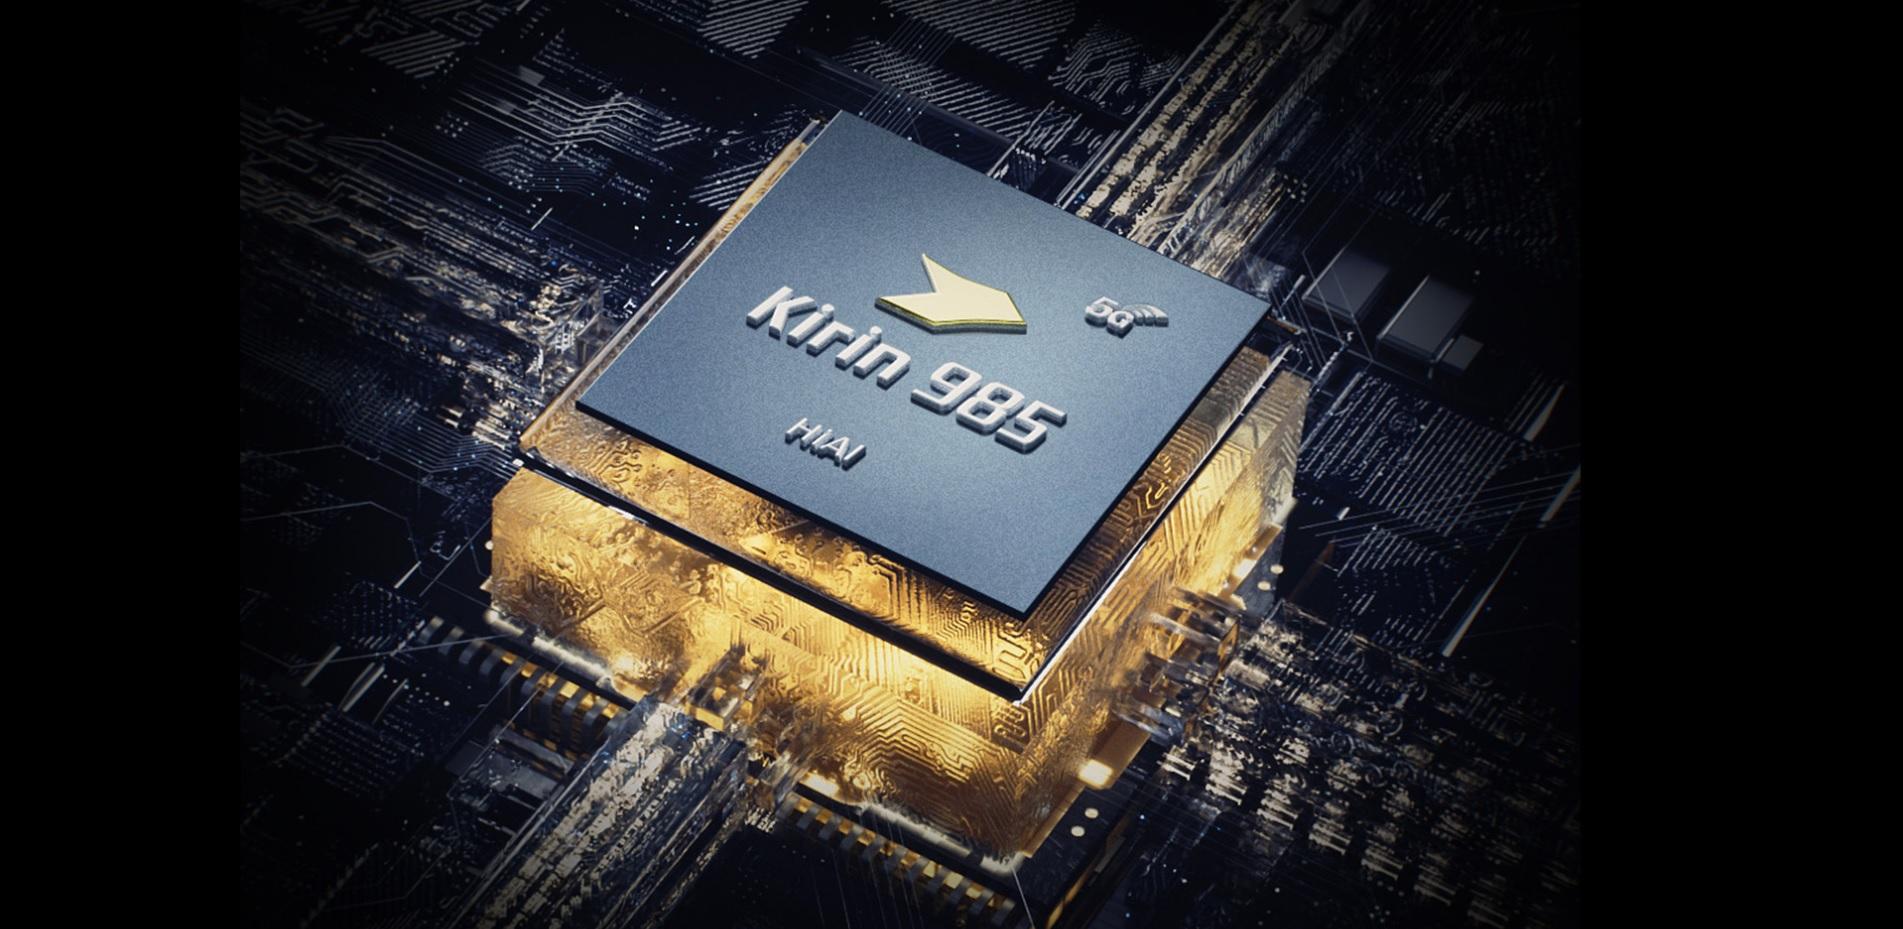 HiSilicon Kirin 985 processor